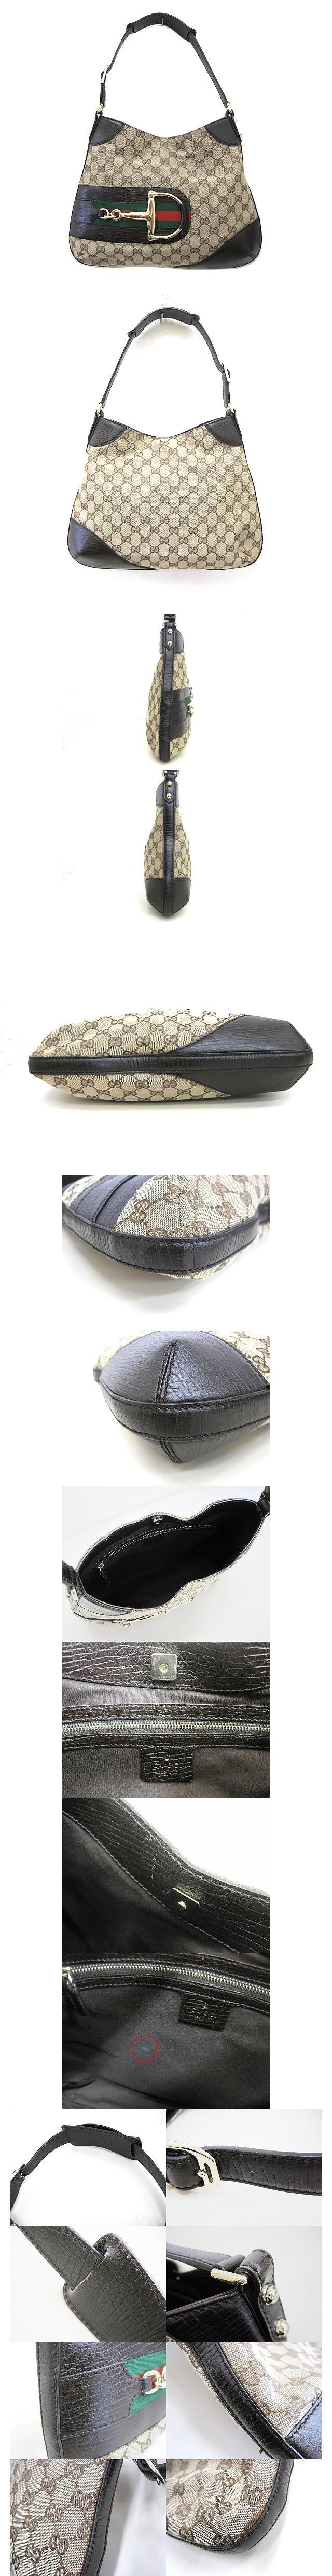 GGキャンバス ワンショルダーバッグ ベージュ ブラウン 137388 かばん ハンド ホースビット シェリーライン 美品